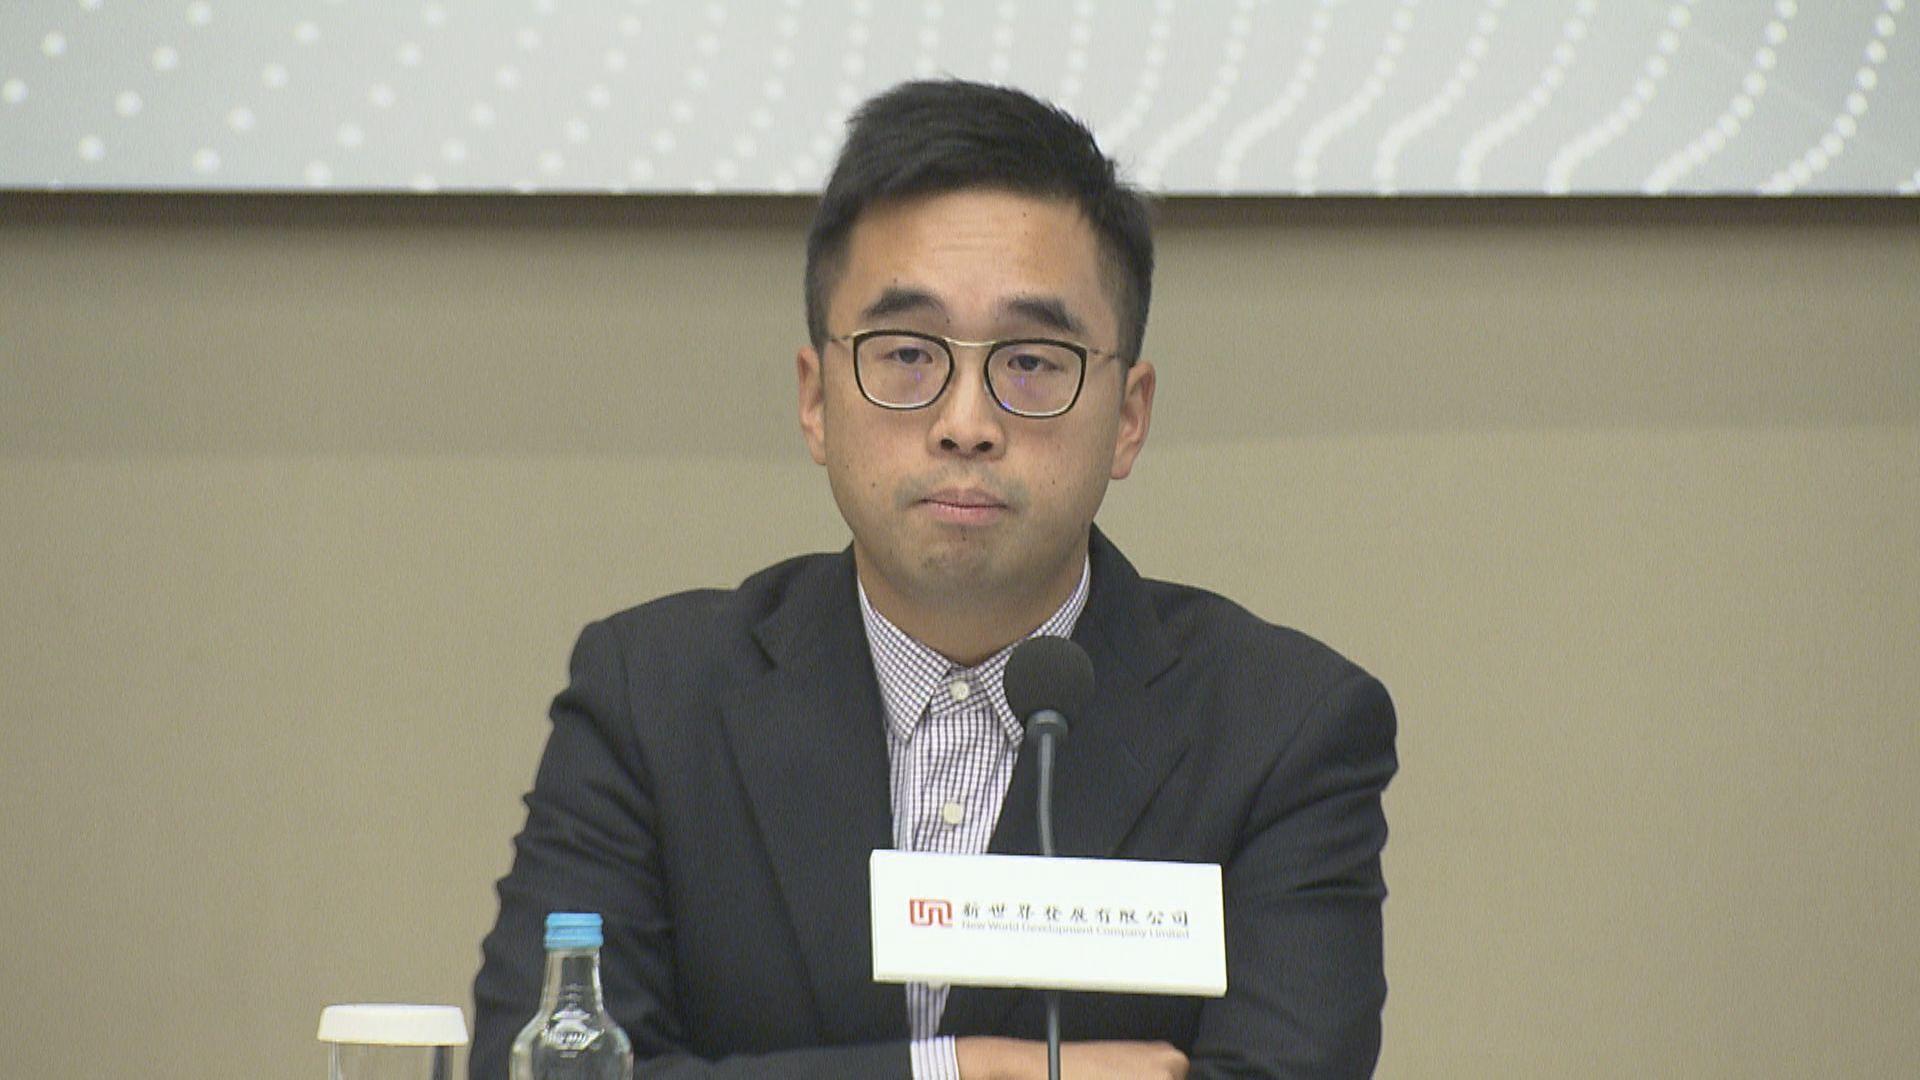 鄭志剛SPAC申美國上市  籌23億